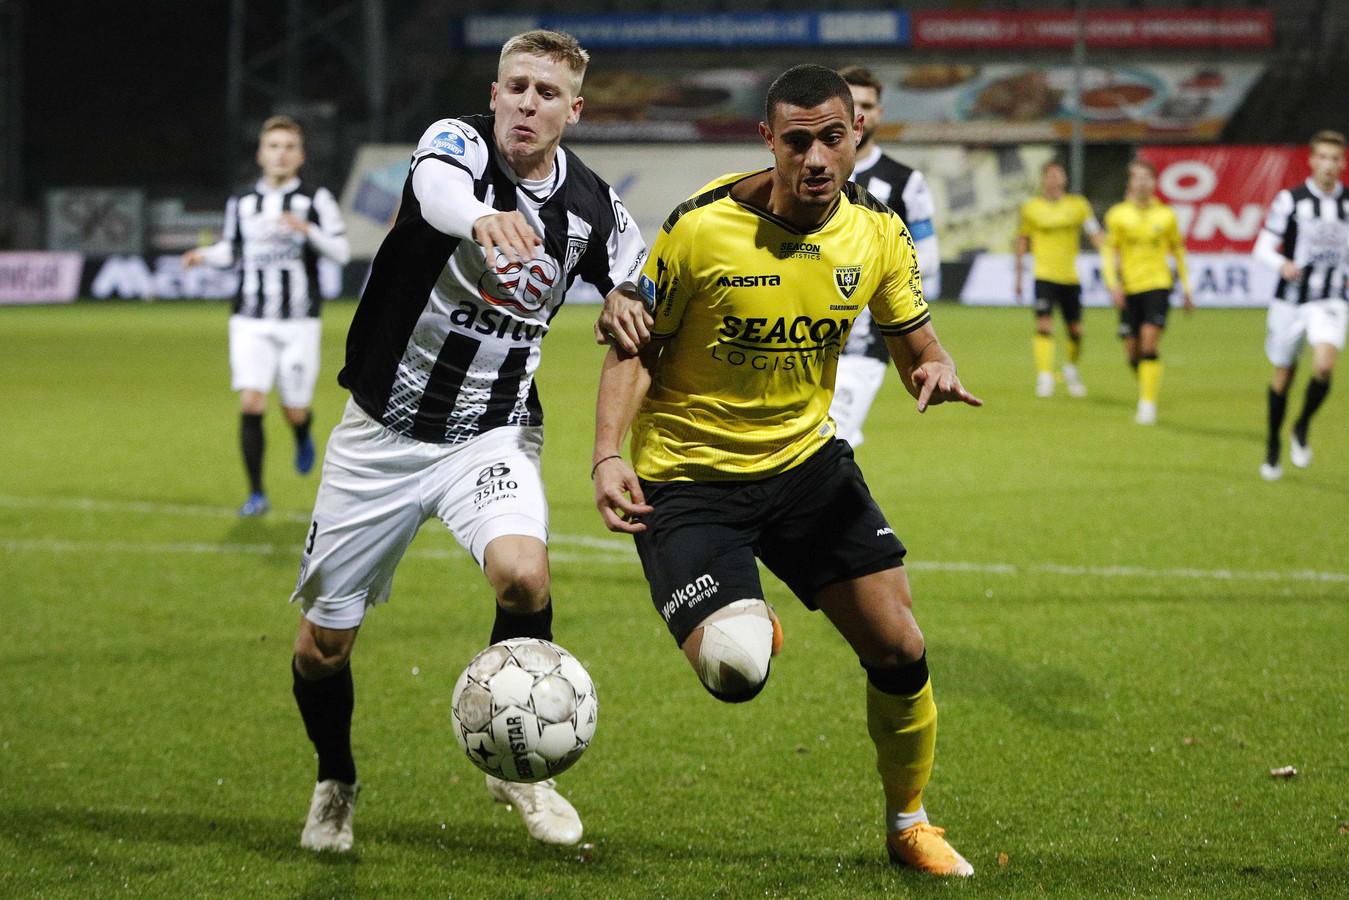 Nadat Knoester eerder afviel bij de bekendmaking van de definitieve selectie, mag de Heracles-verdediger zich nu alsnog melden bij Jong Oranje.